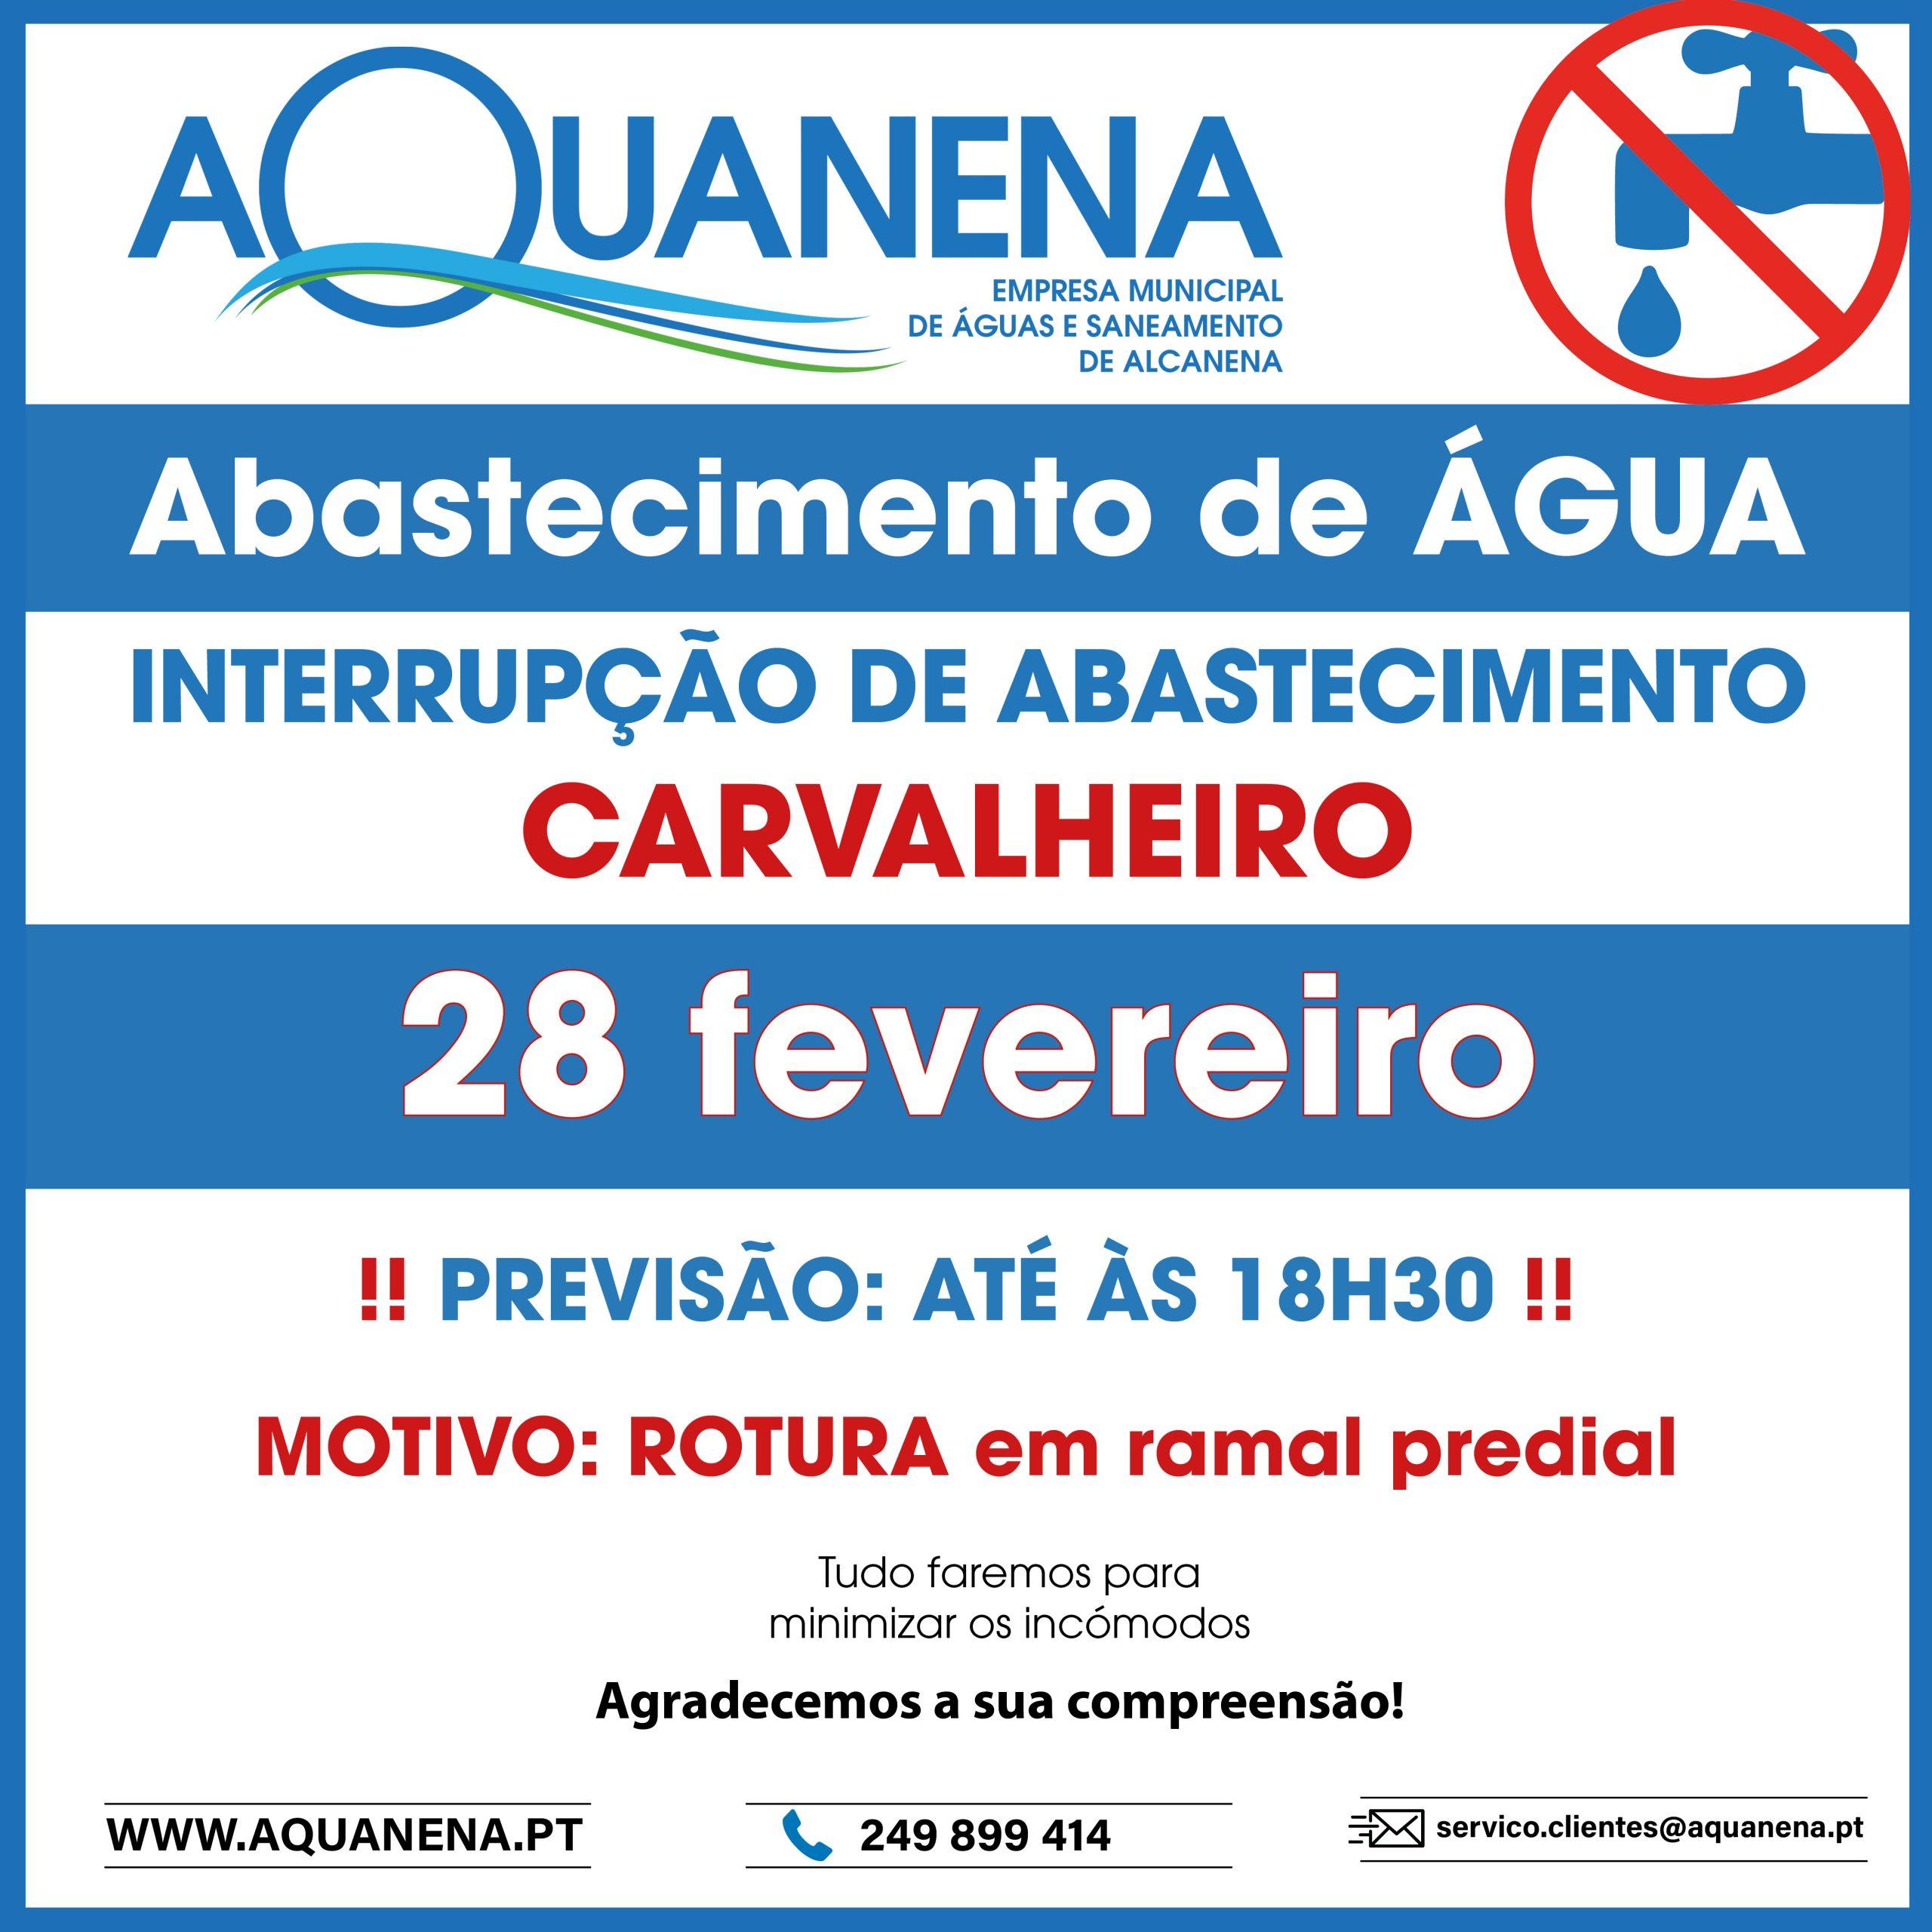 INTERRUPÇÃO de abastecimento de água em CARVALHEIRO